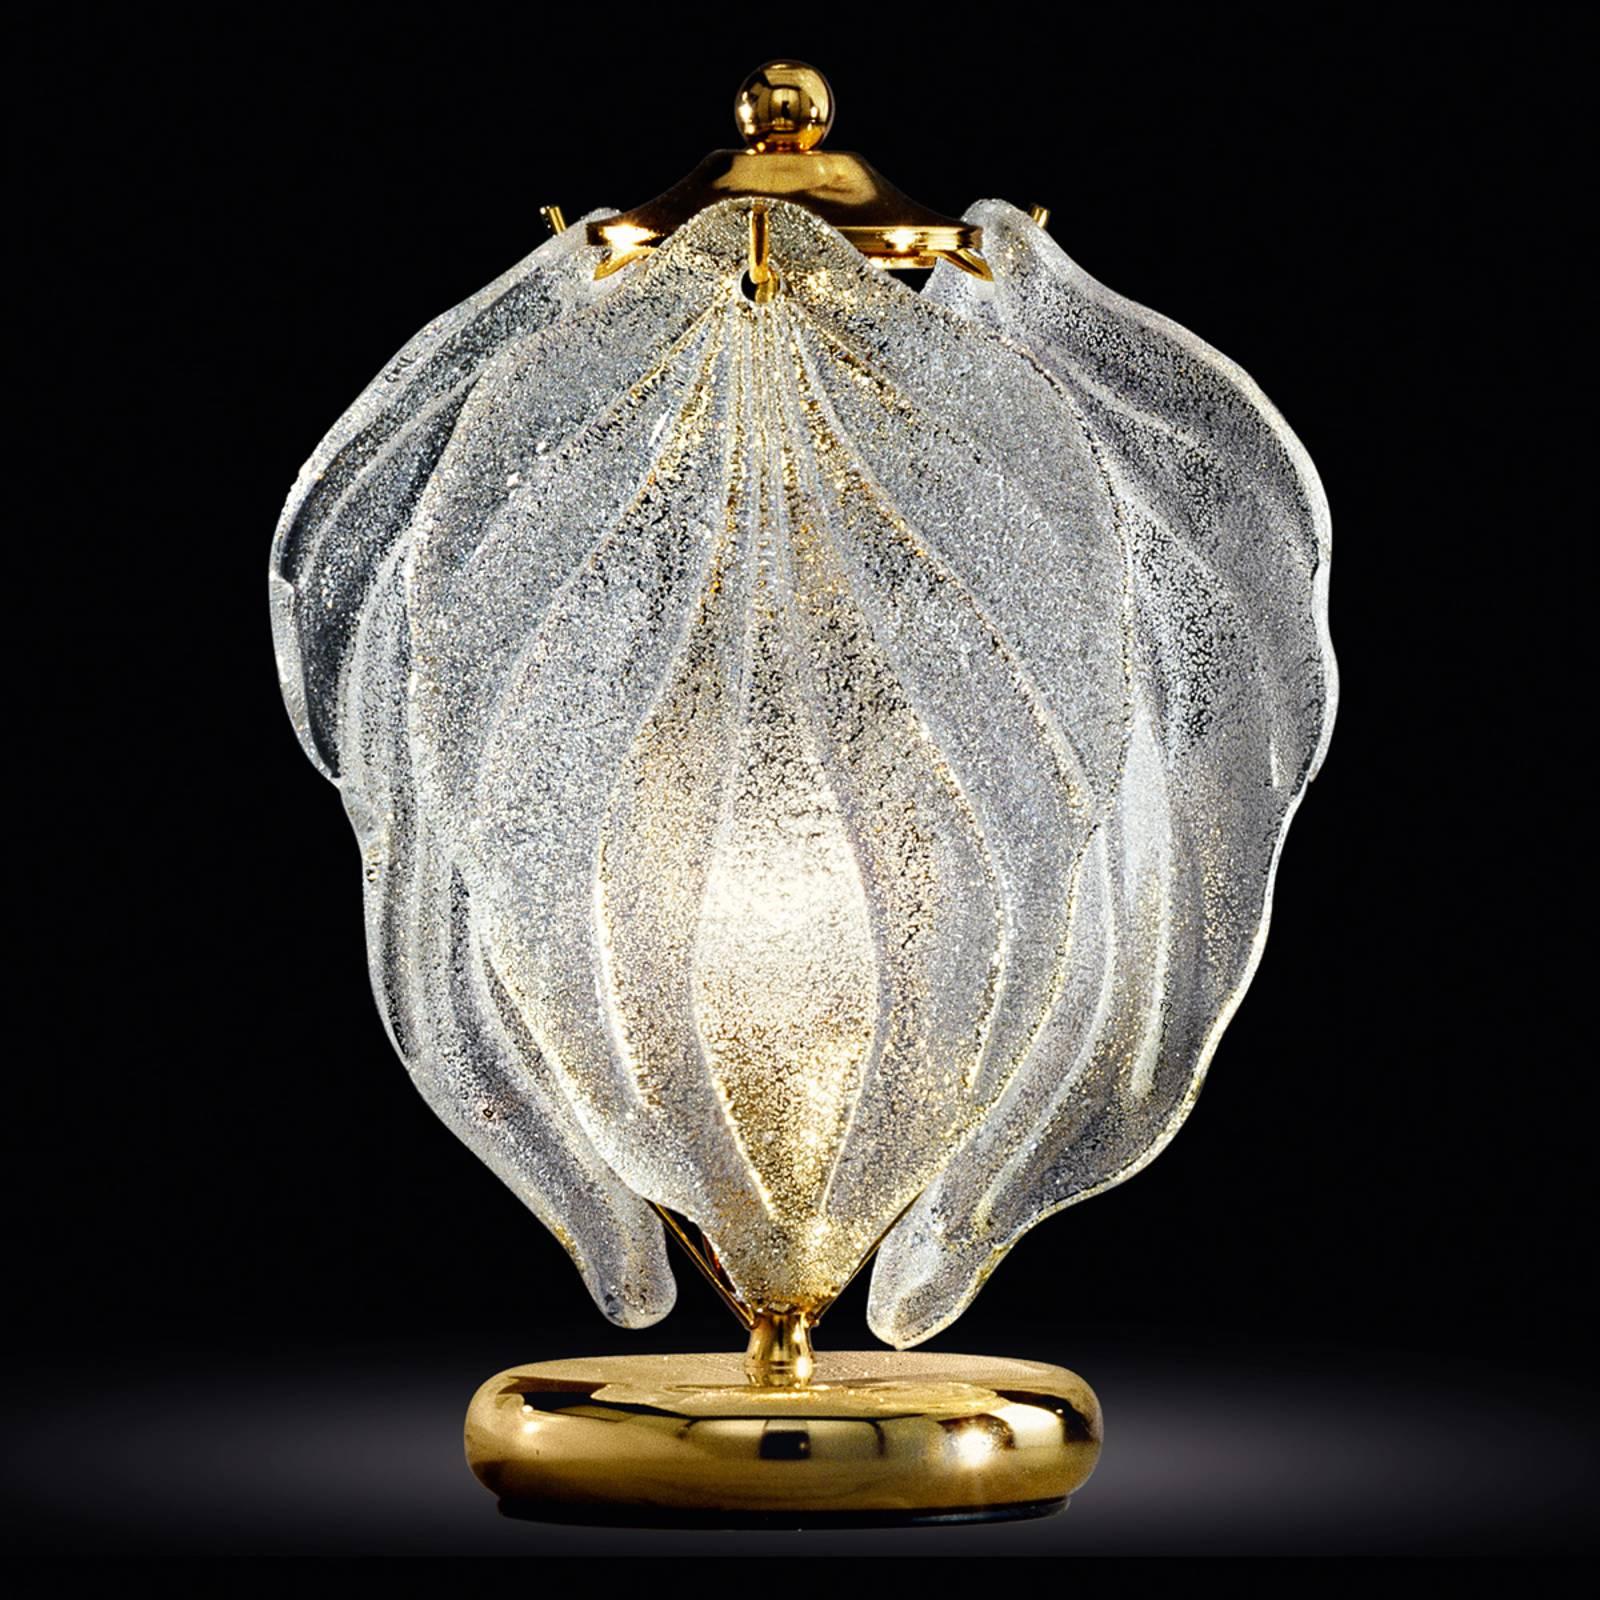 schreibtischlampen und andere lampen von imperia online kaufen bei m bel garten. Black Bedroom Furniture Sets. Home Design Ideas